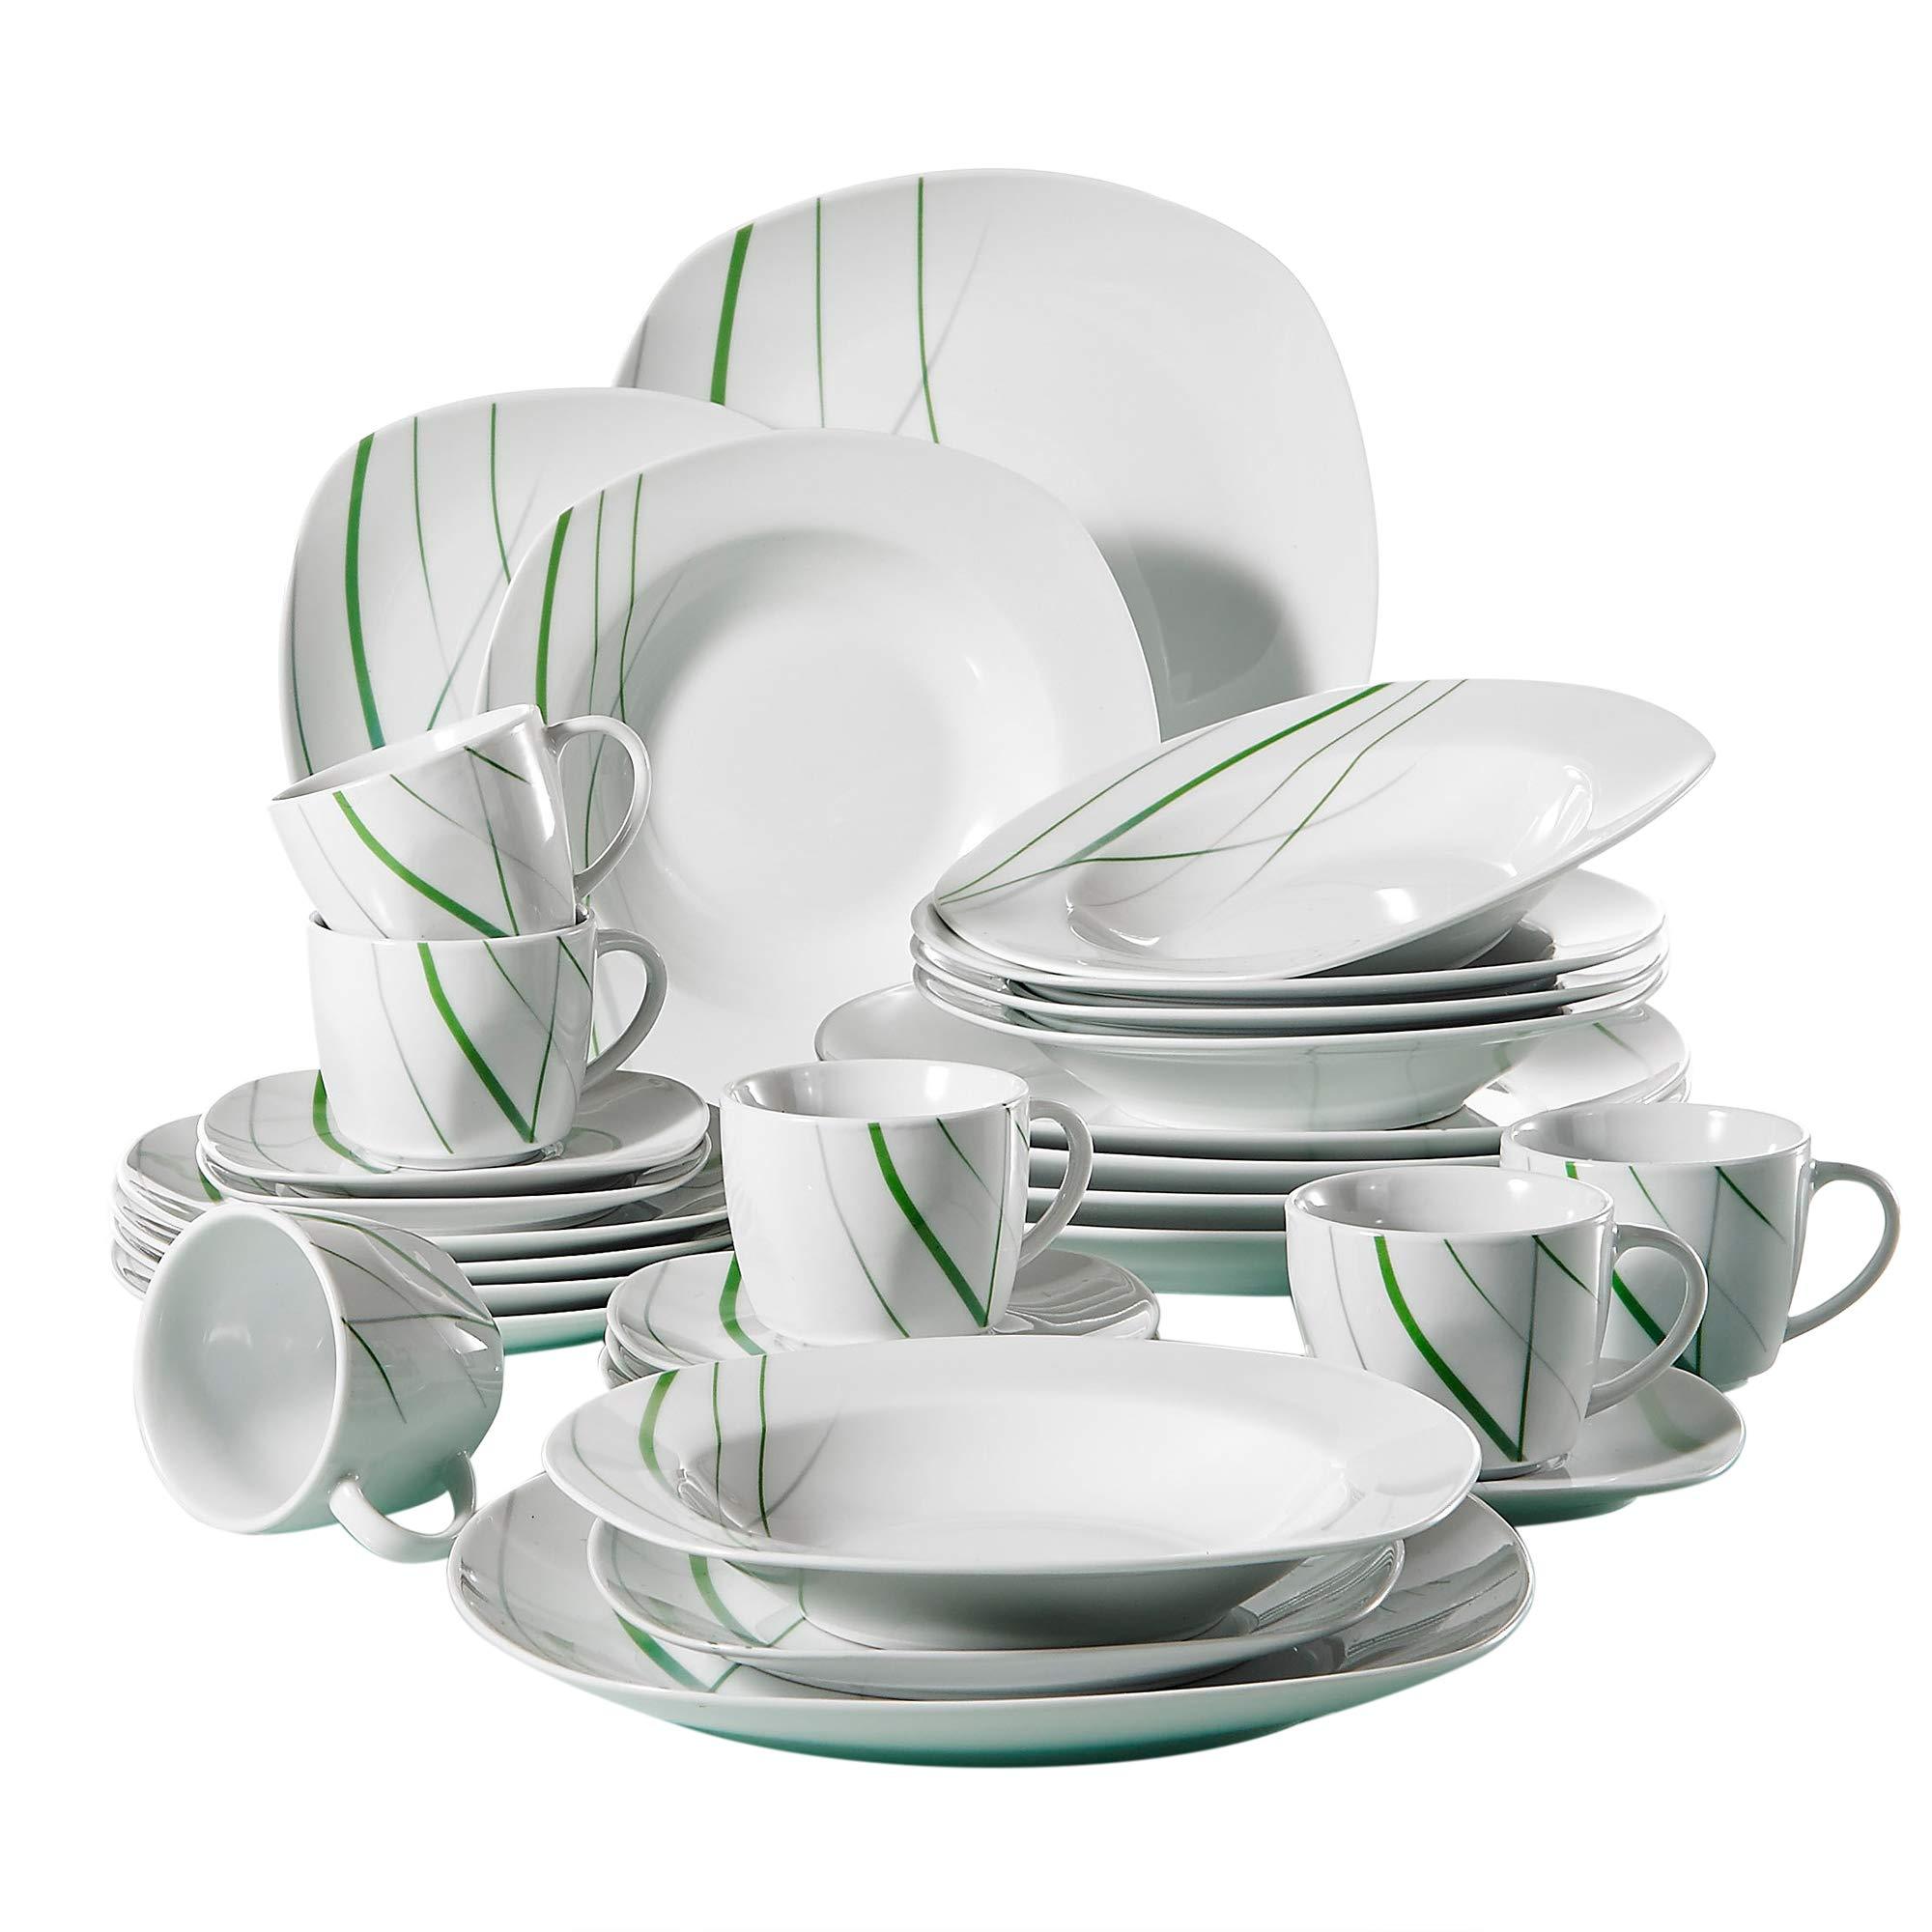 VEWEET Aviva Vajilla de Porcelana 30 Piezas vajilla Completa Incluye 6 Tazas de café